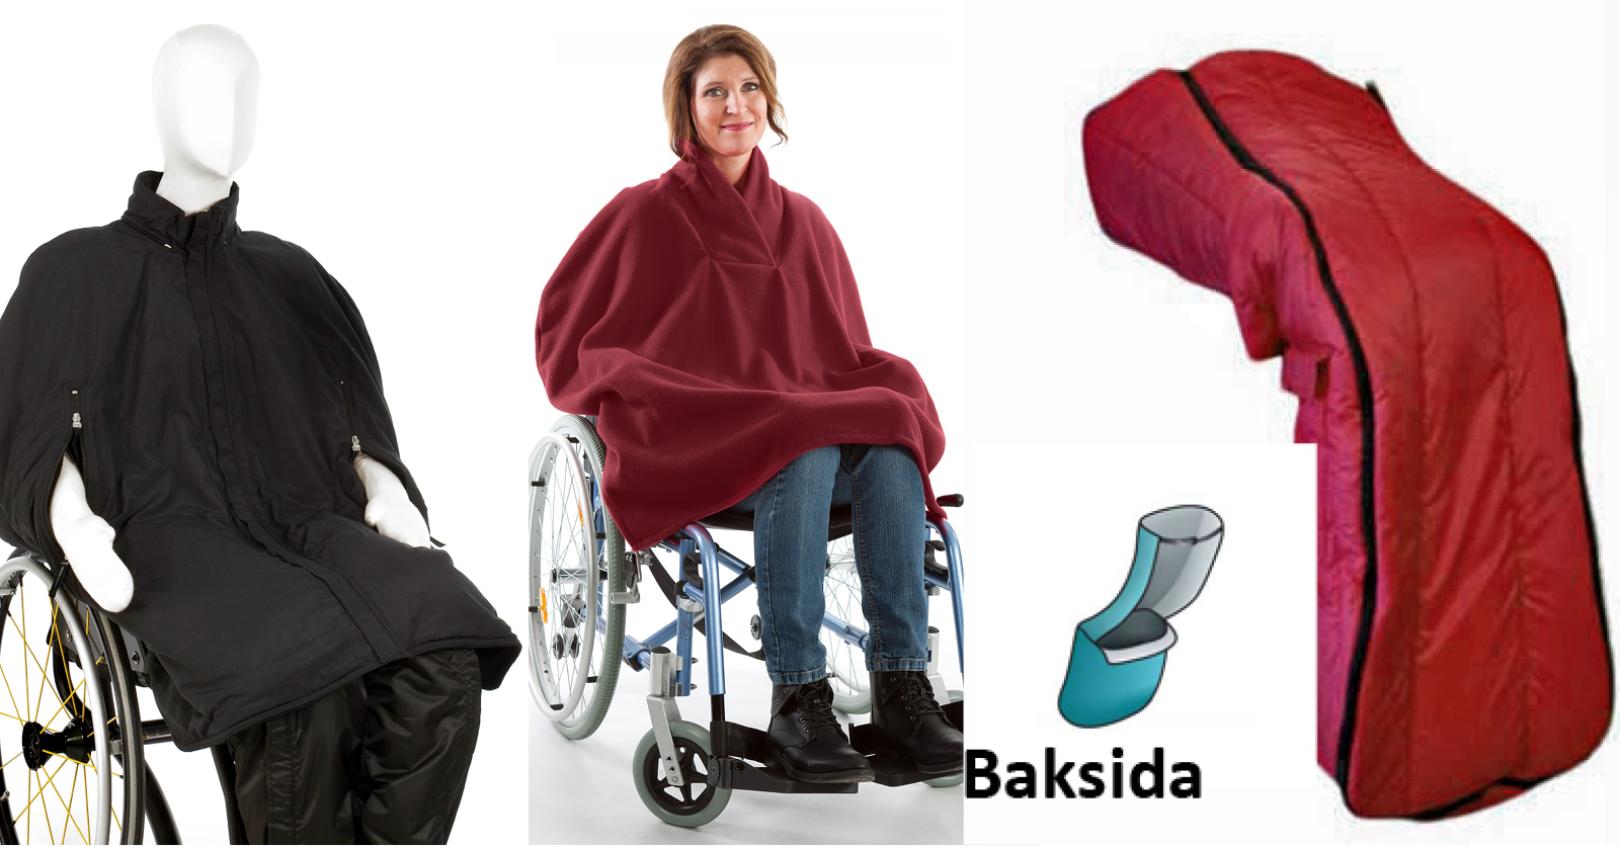 Klädd för utevistelse i rullstol äldreboende